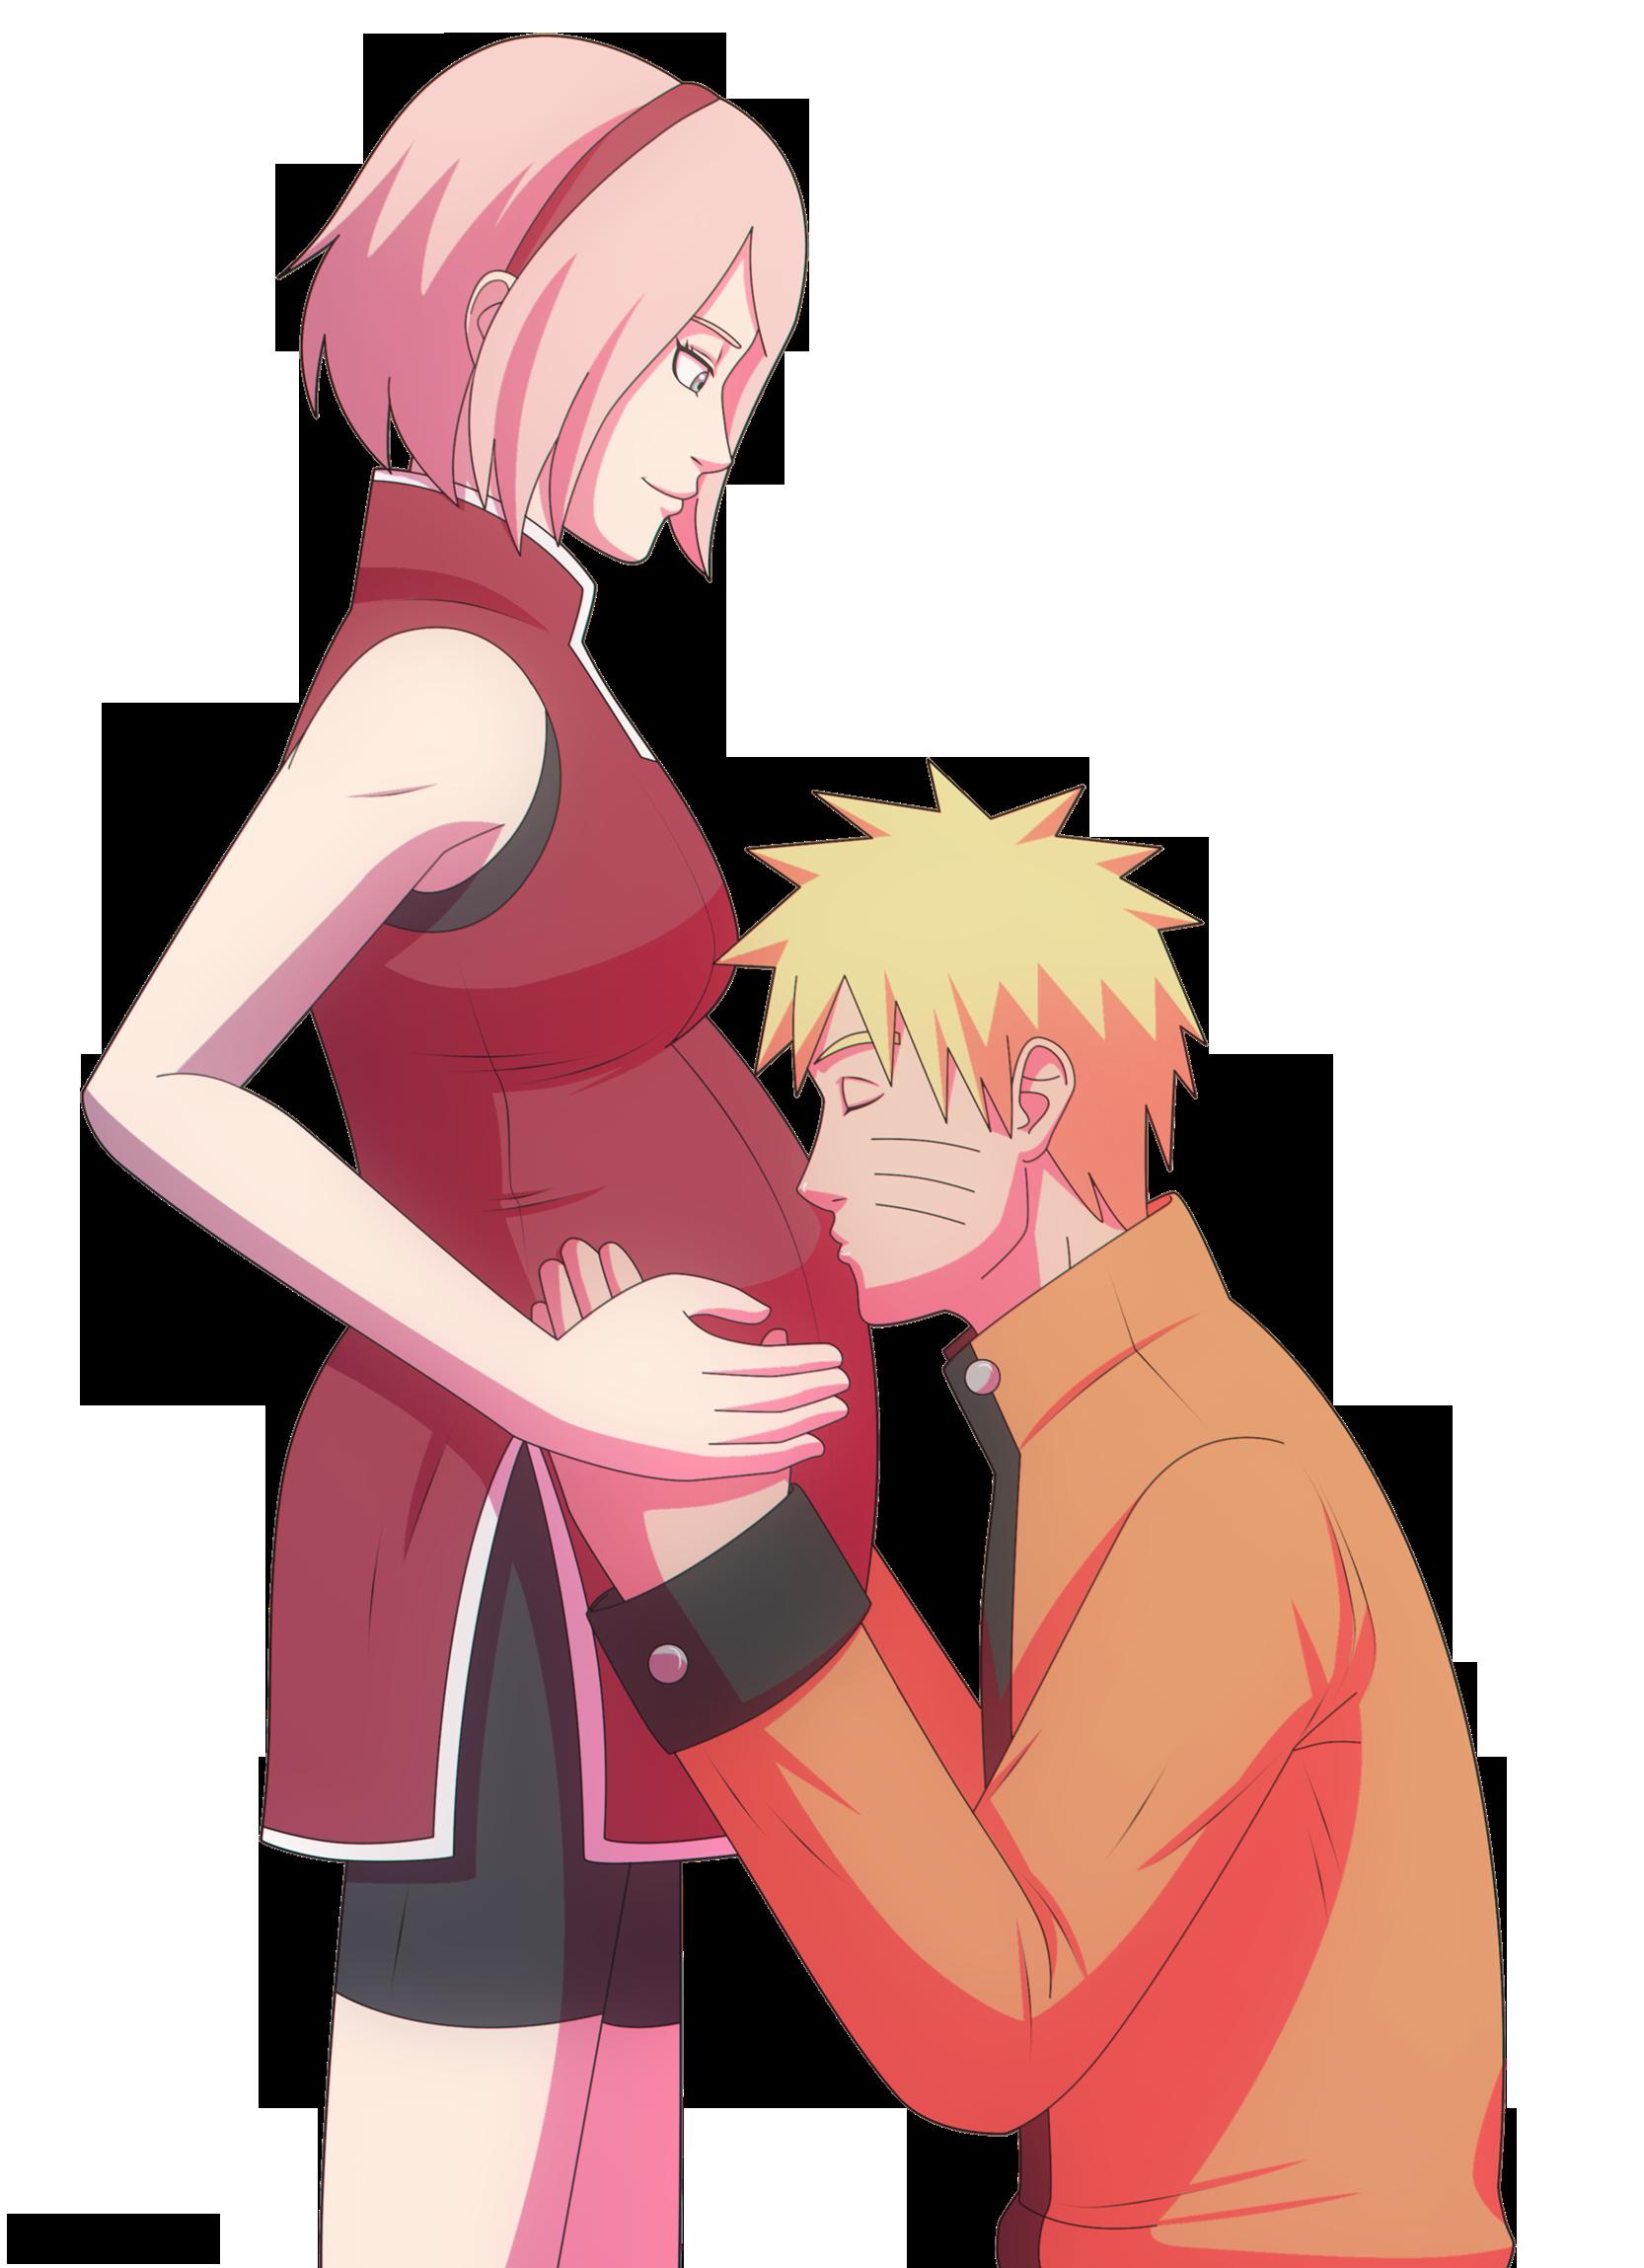 Картинки наруто и беременной сакуры